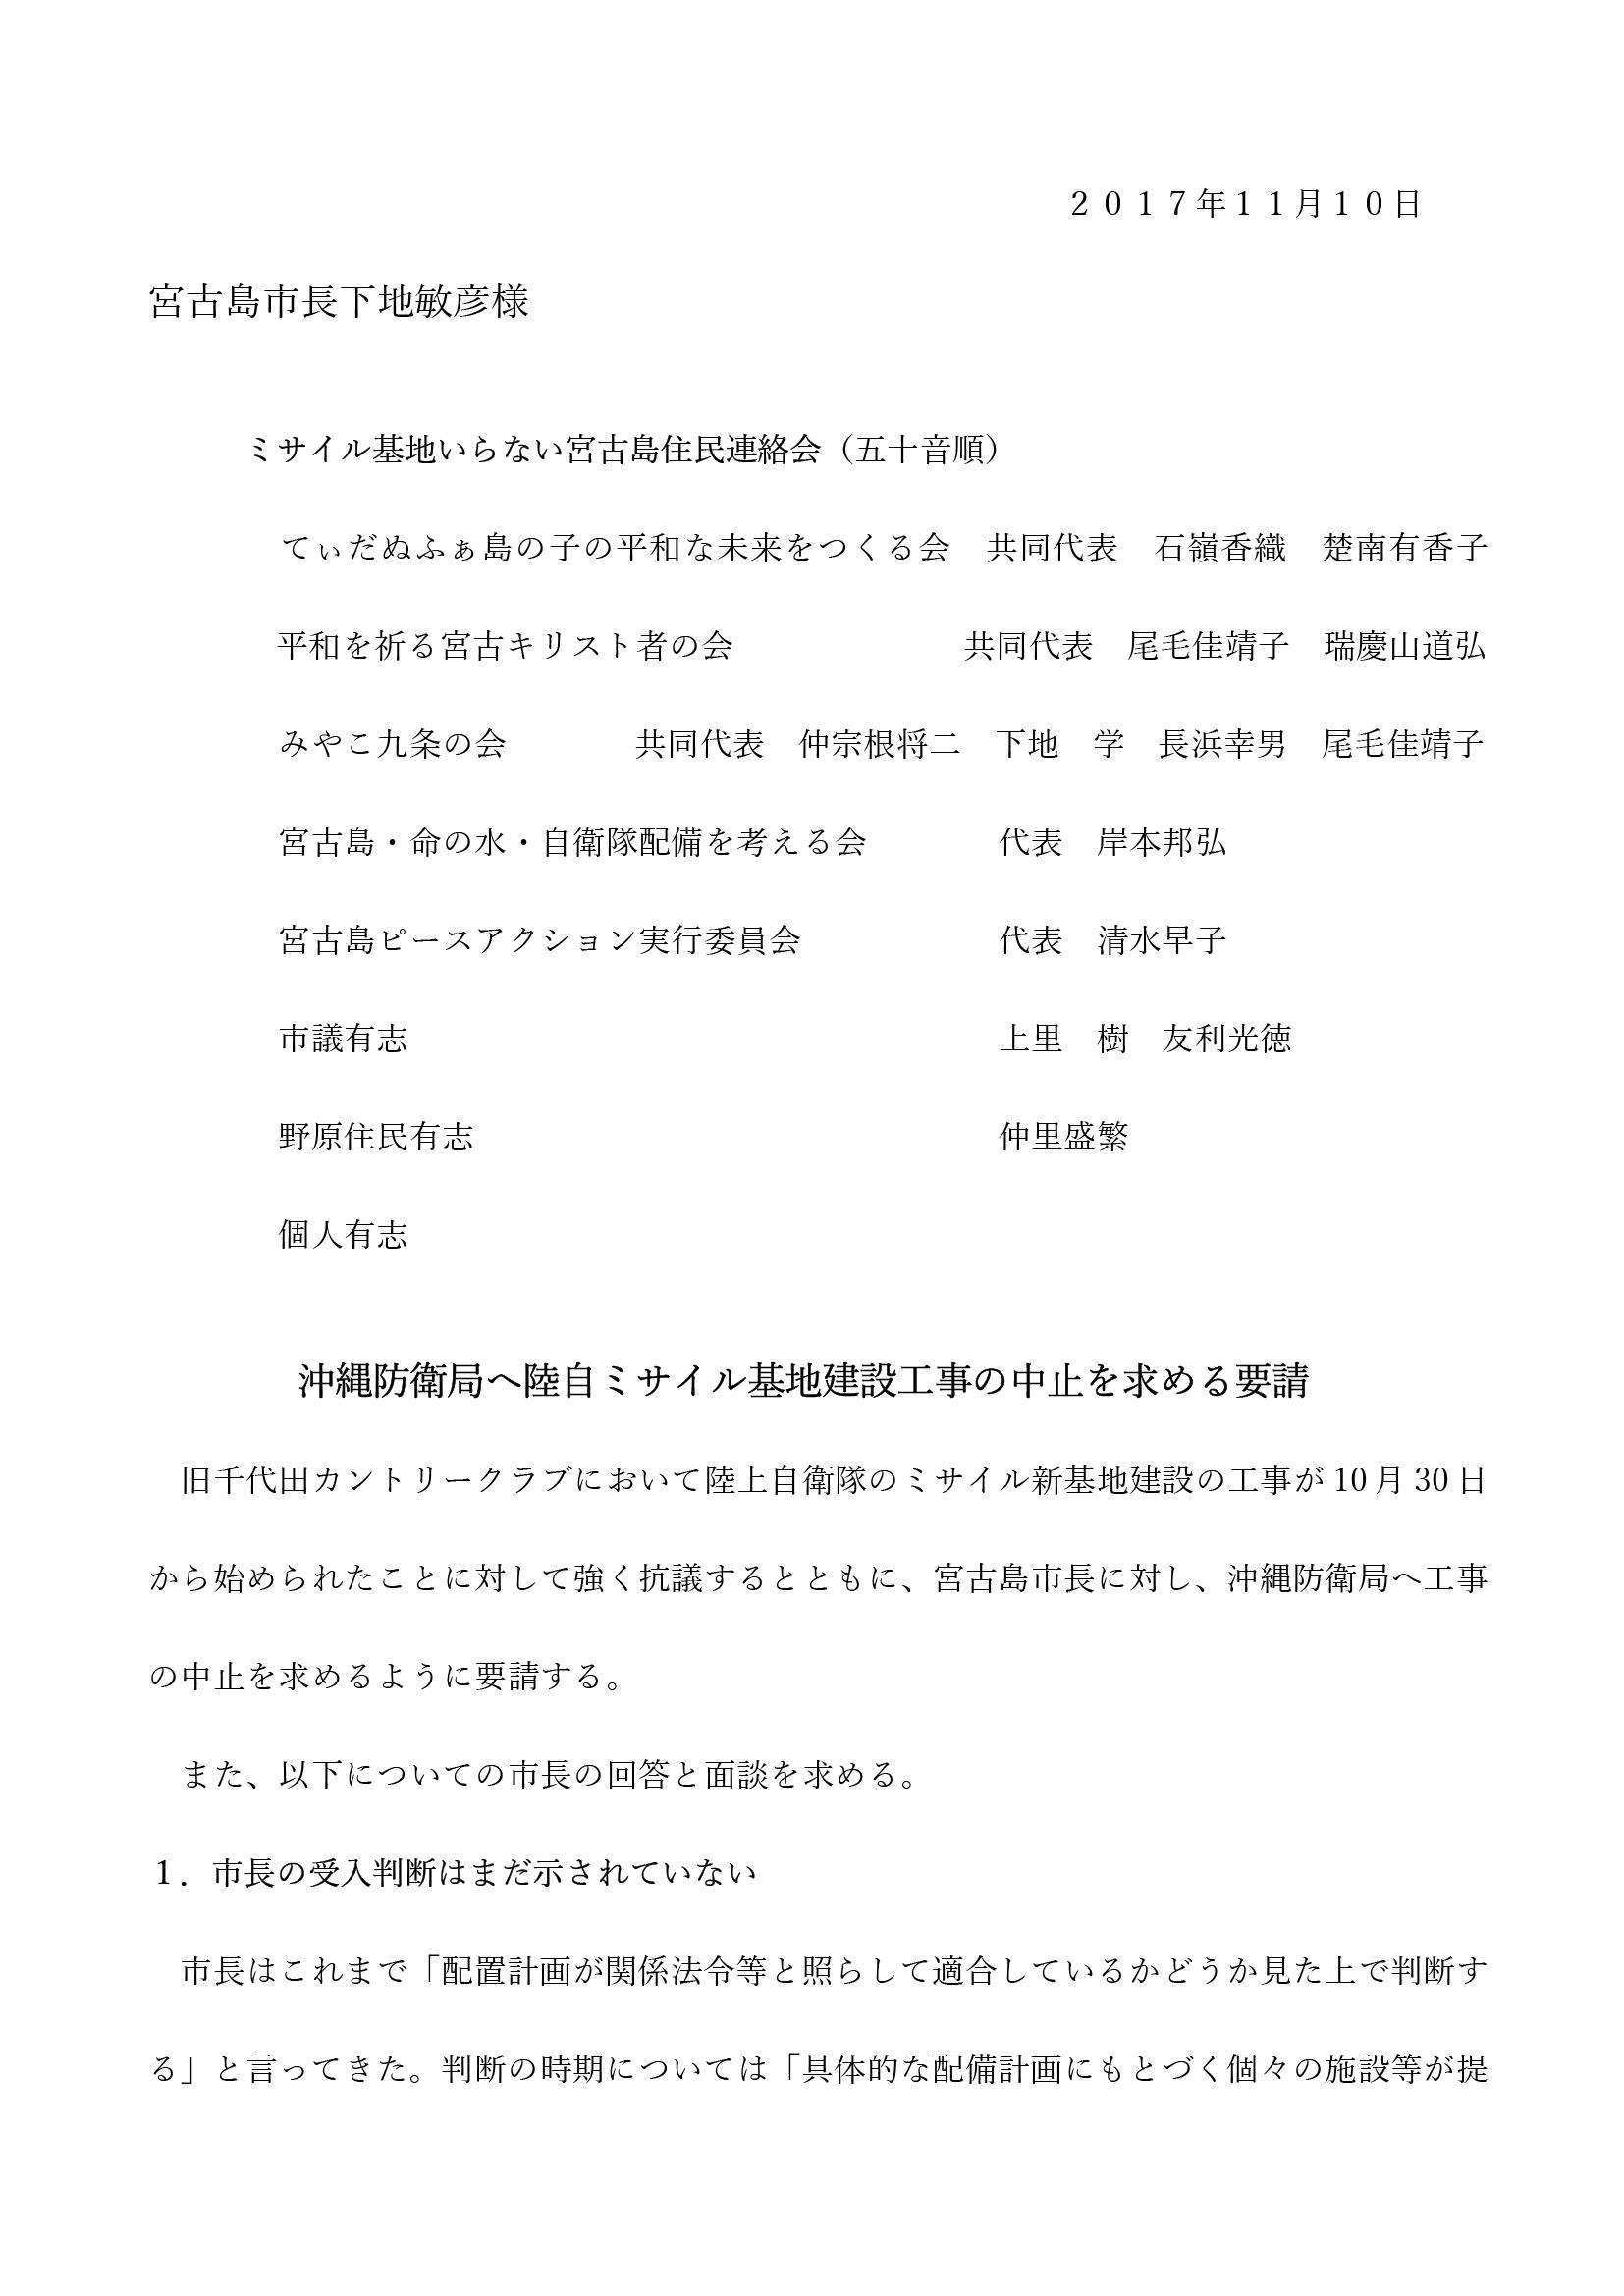 2017 1110抗議要請文01